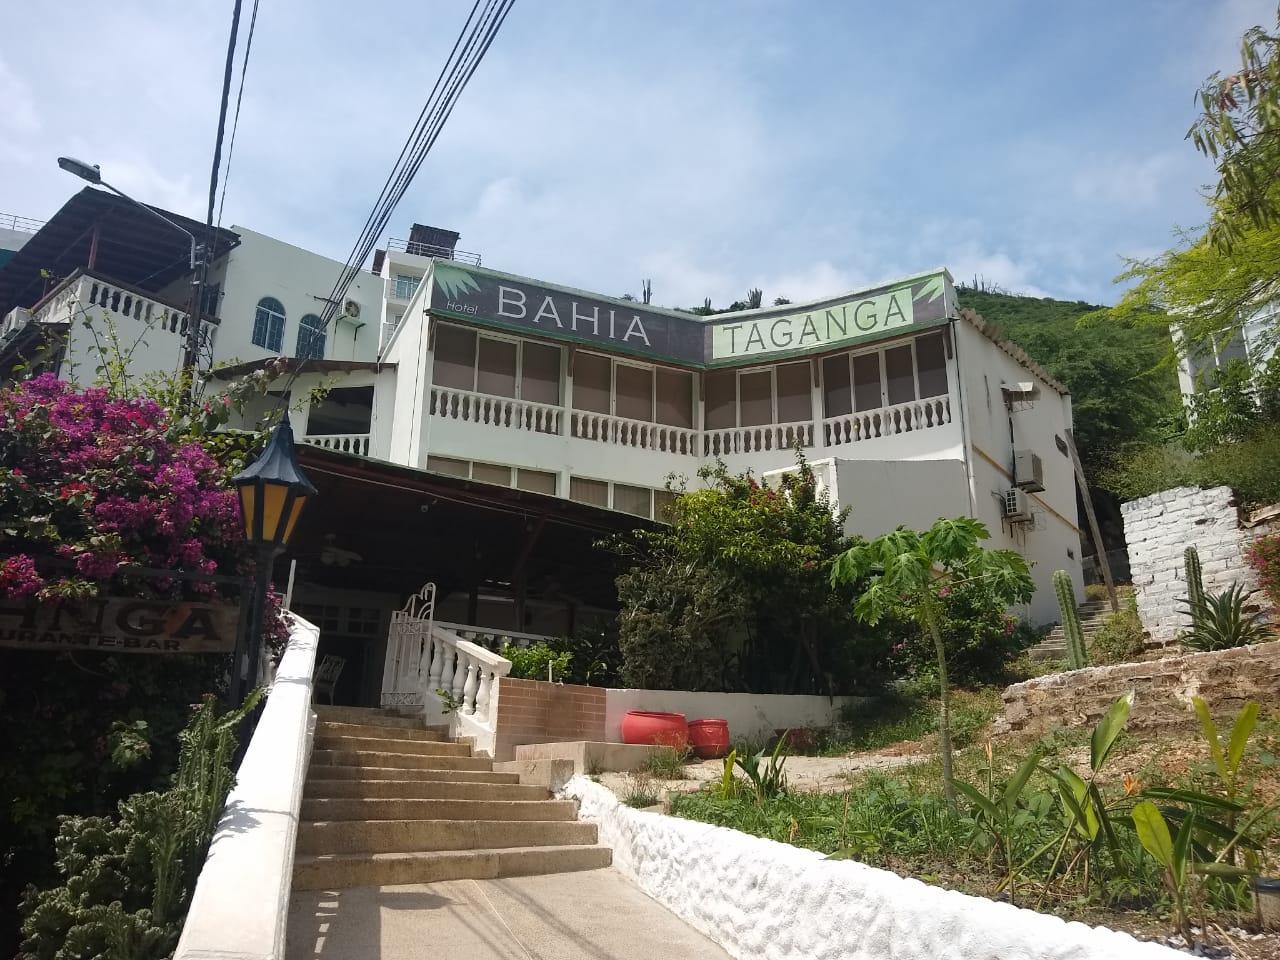 Hotel Bahía Taganga, cercano a donde se encontraba el Jaba Nibue